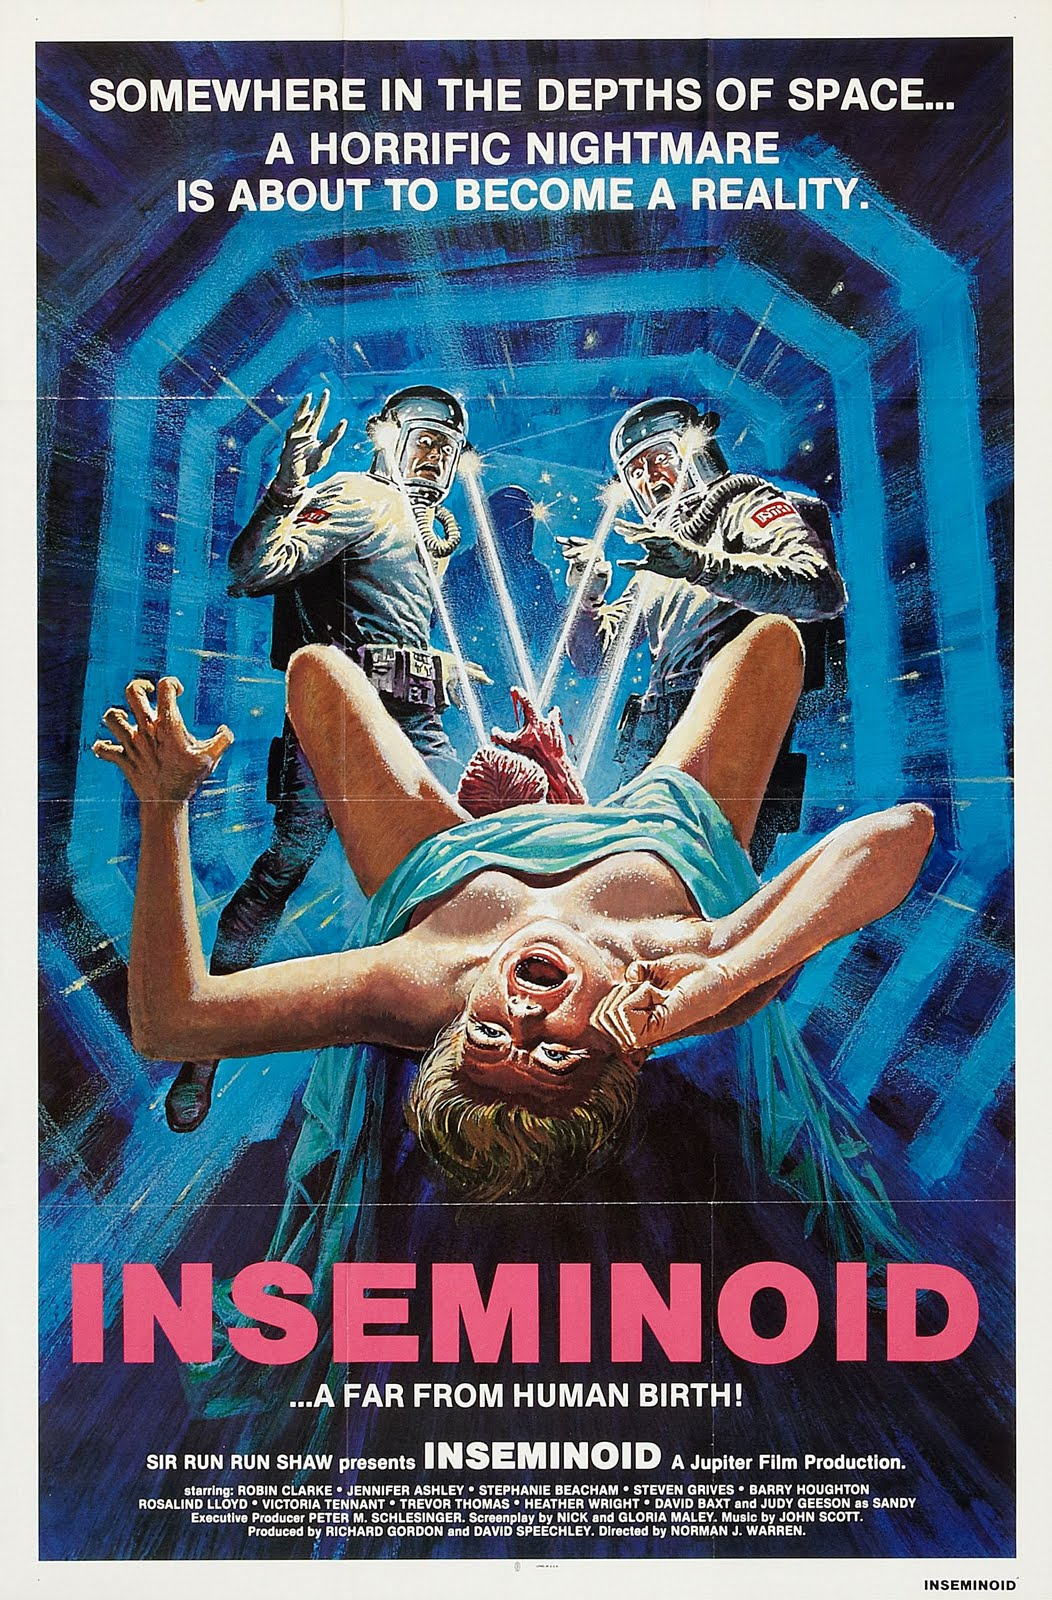 http://1.bp.blogspot.com/_VXNWSr1UpT4/TChVzluEfnI/AAAAAAAAEA8/g974QLRs33g/s1600/inseminoid_poster_03.jpg